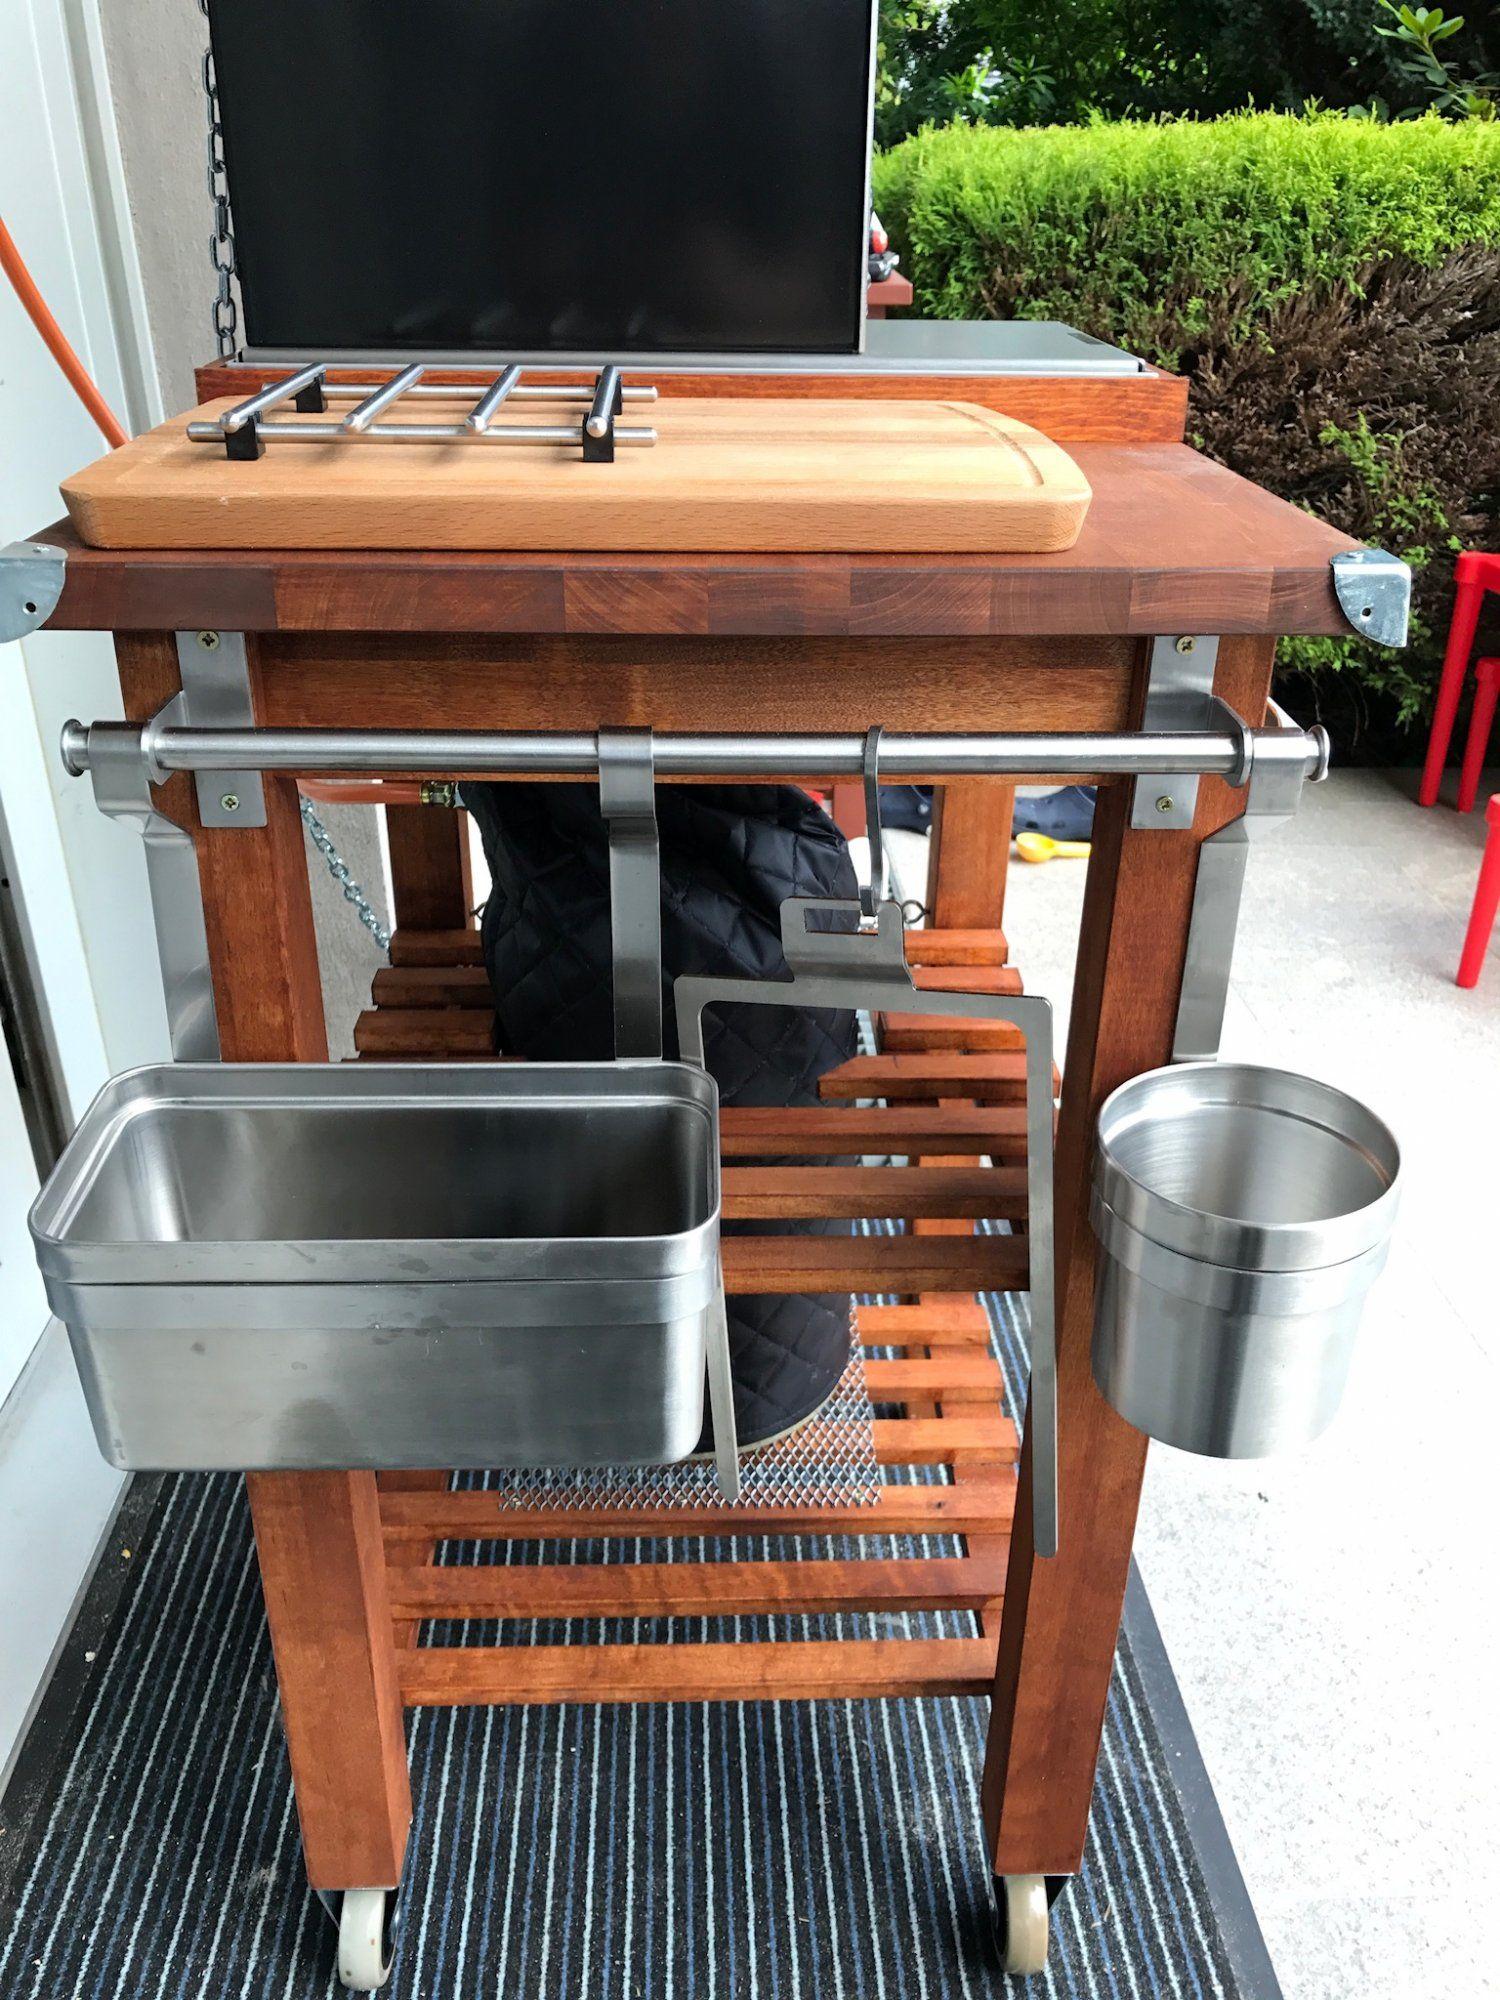 Full Size of Grill Beistelltisch Ikea Der Bekvm Umbau Modding Thread Grilltisch Garten Küche Kosten Kaufen Sofa Mit Schlaffunktion Grillplatte Betten Bei 160x200 Wohnzimmer Grill Beistelltisch Ikea